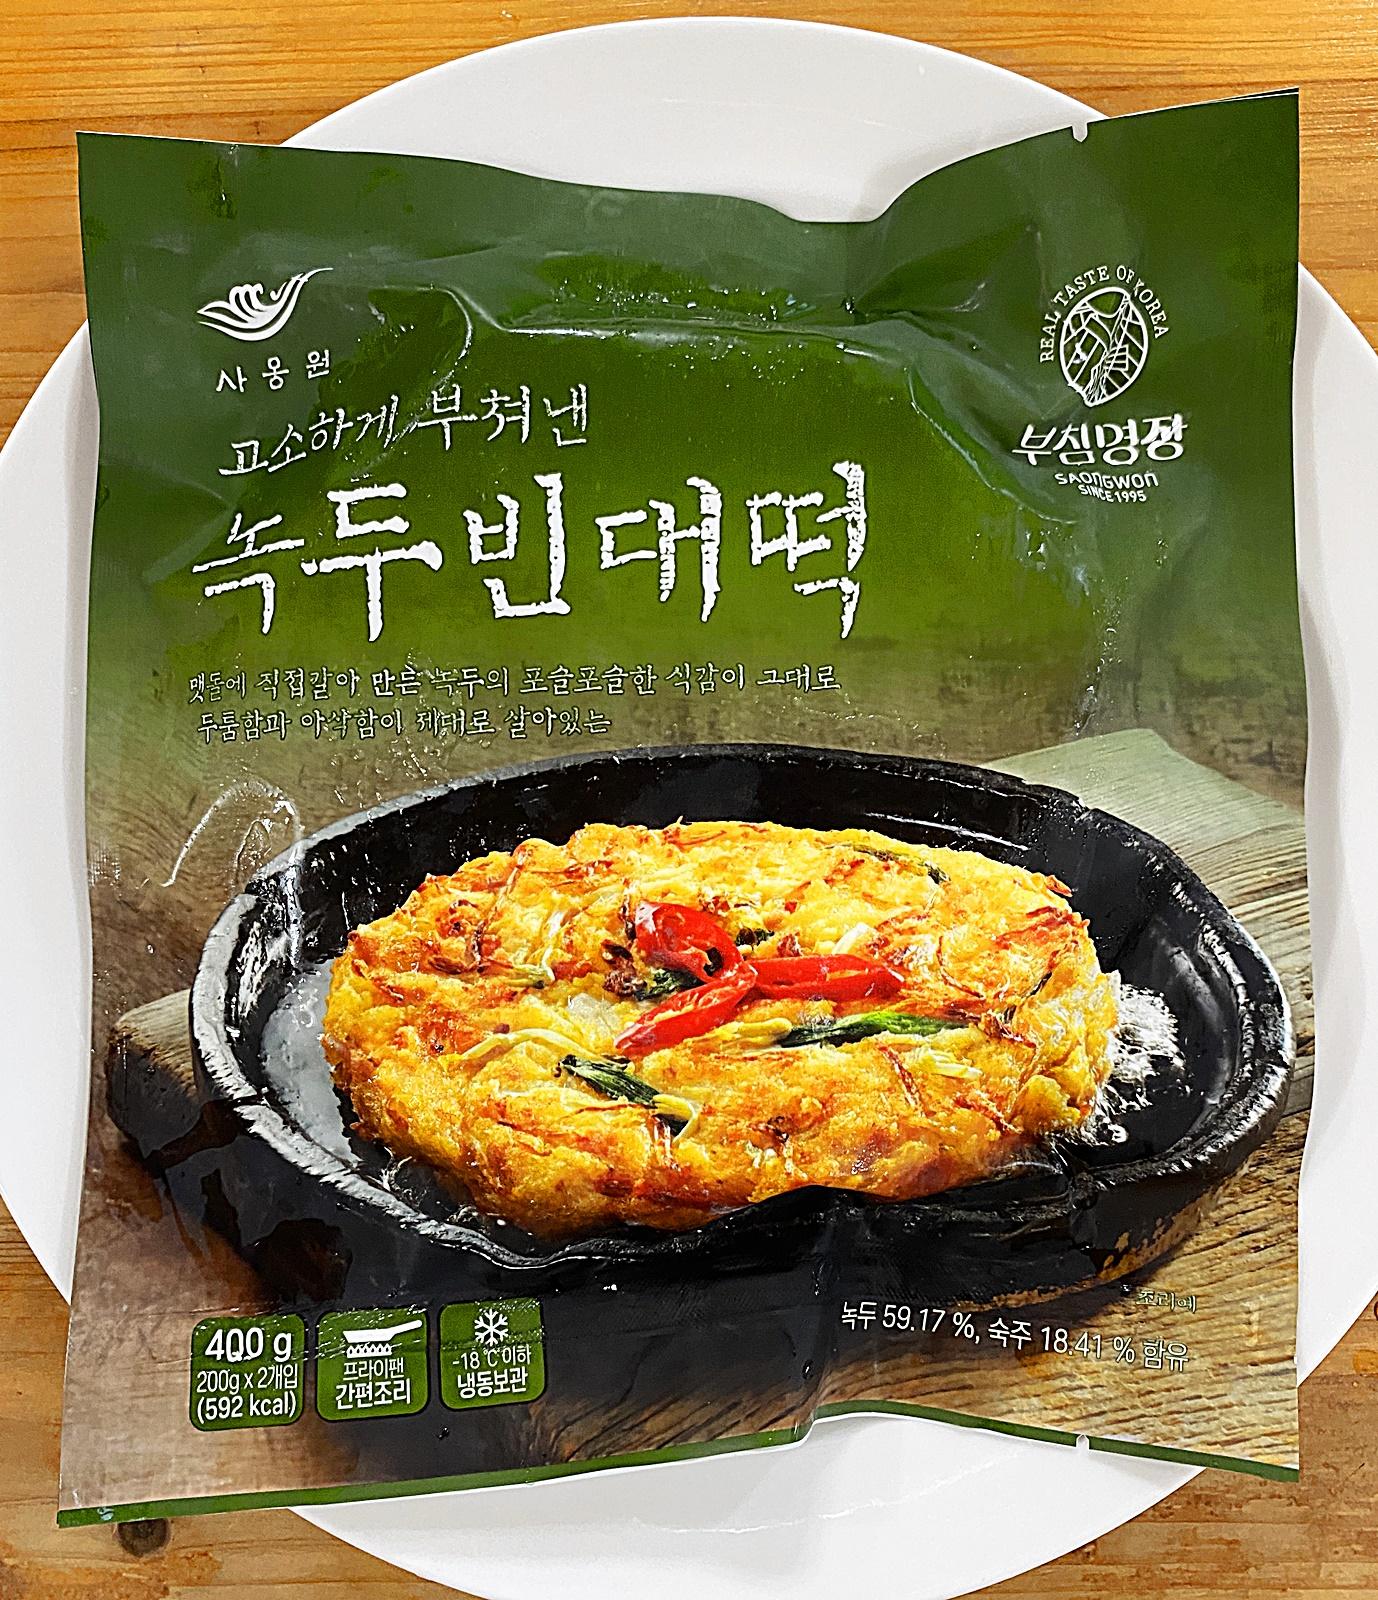 사옹원 녹두빈대떡 포장 1